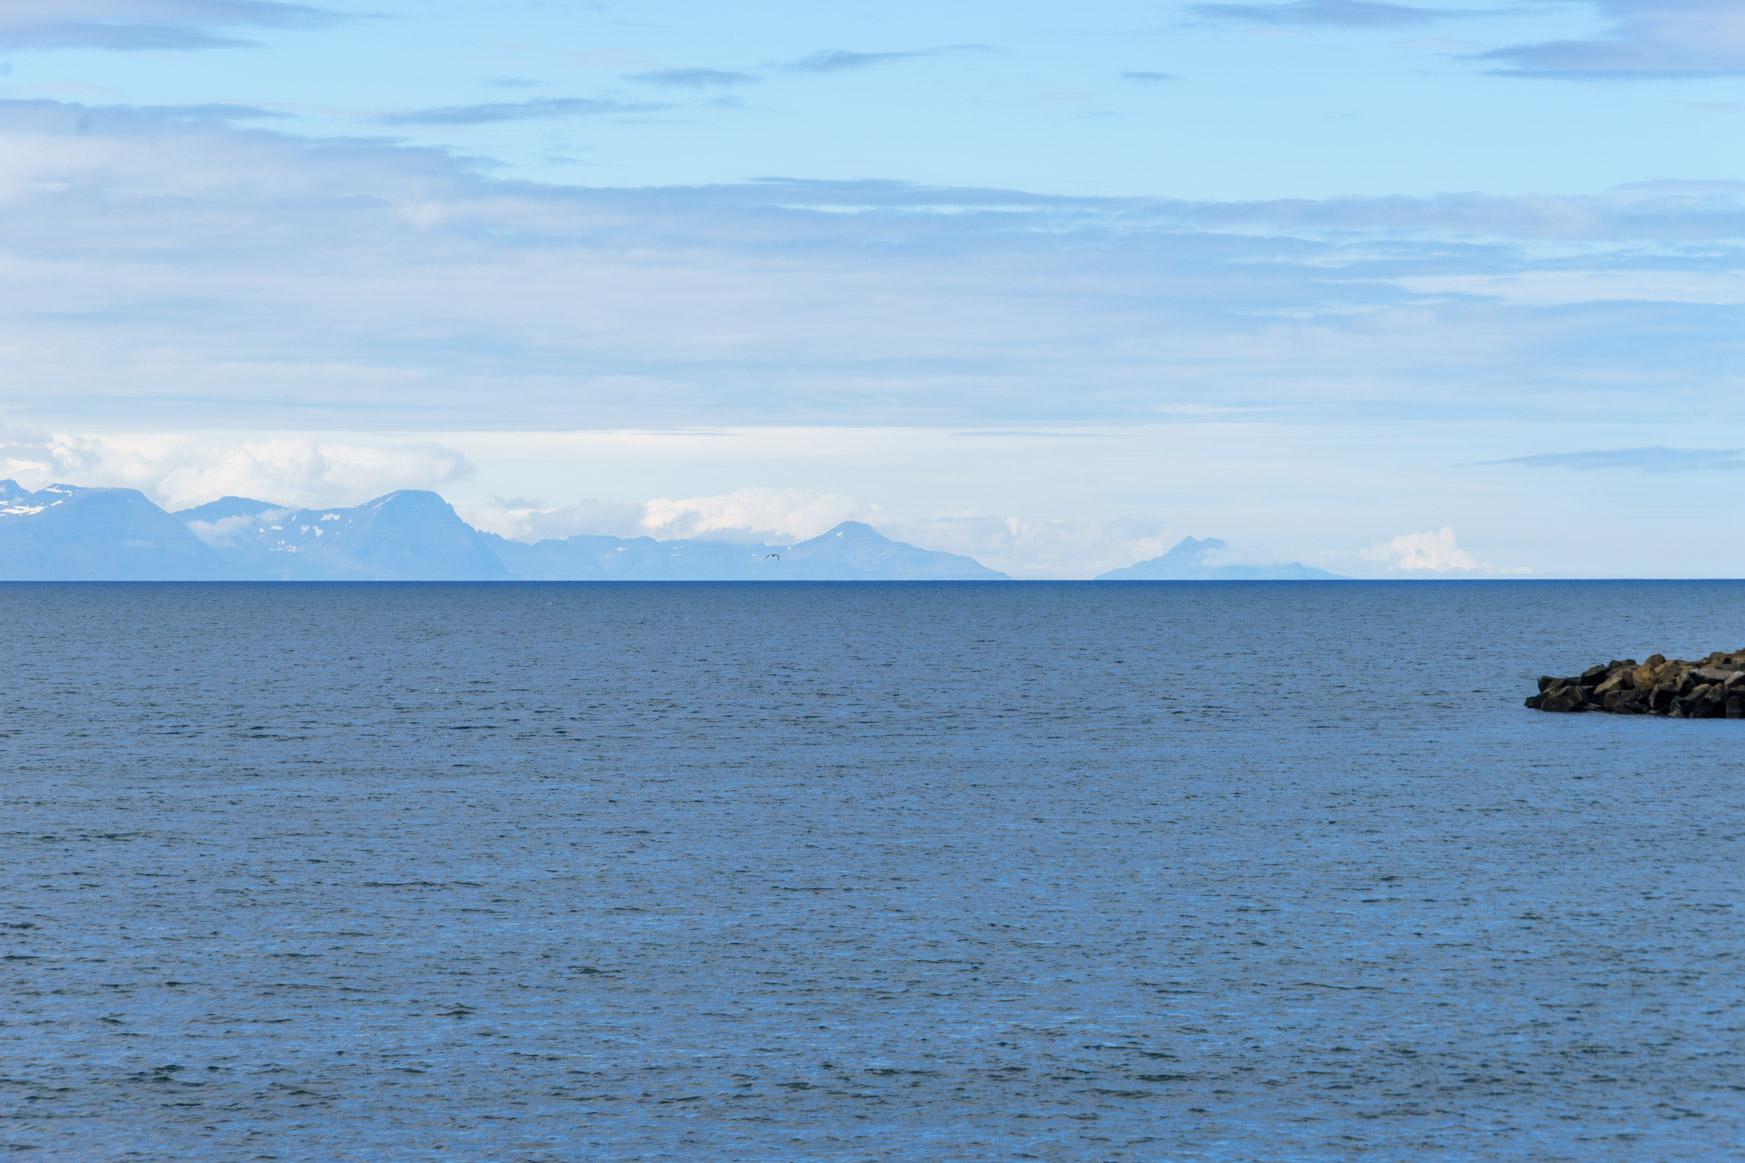 Ganz am Horizont liegen die Westfjorde